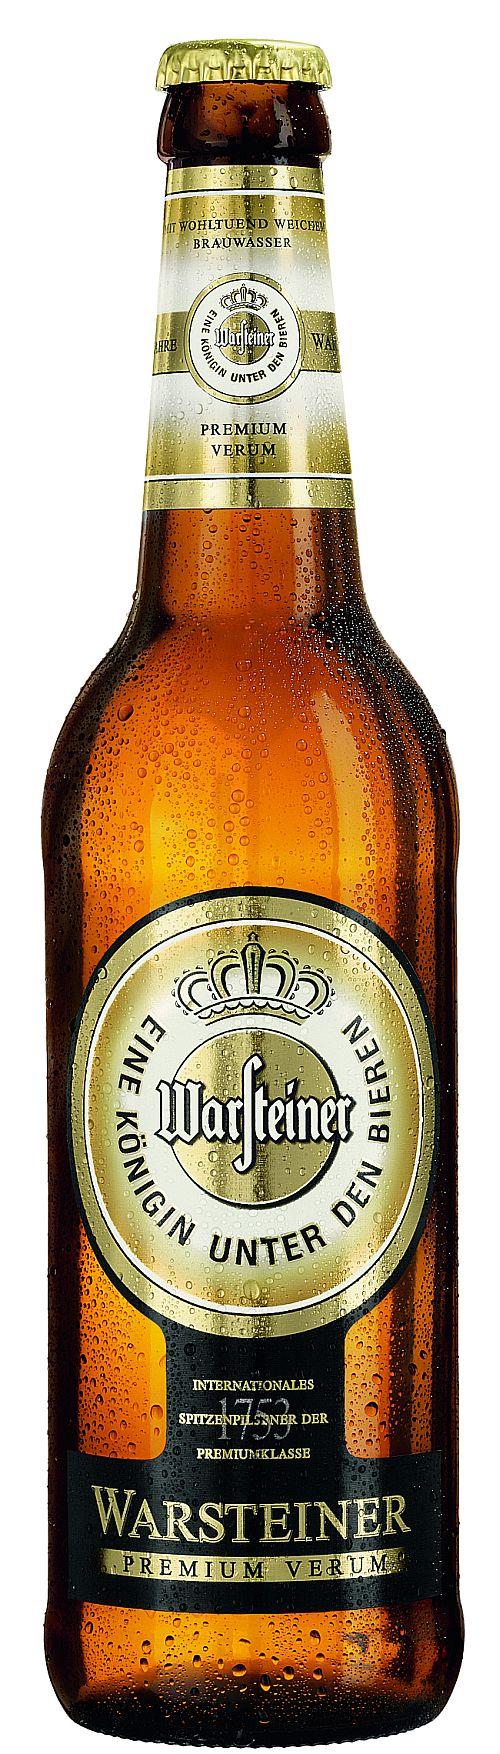 Warsteiner is een B-merk omdat het minder bekend is dan de A-merken en er minder reclame voor wordt gemaakt